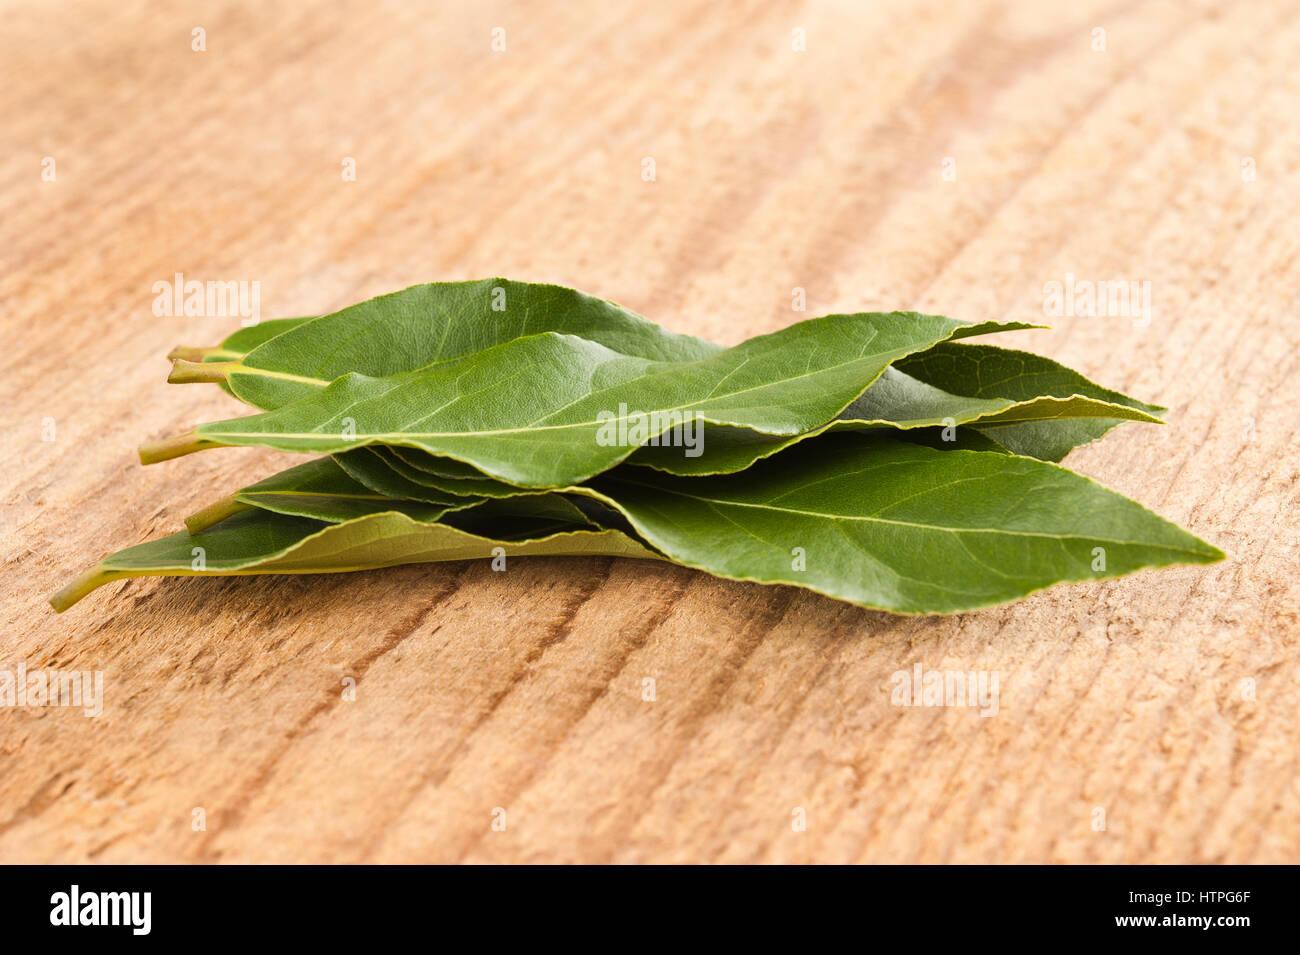 Lorbeer Blätter auf Holz Hintergrund Stockbild